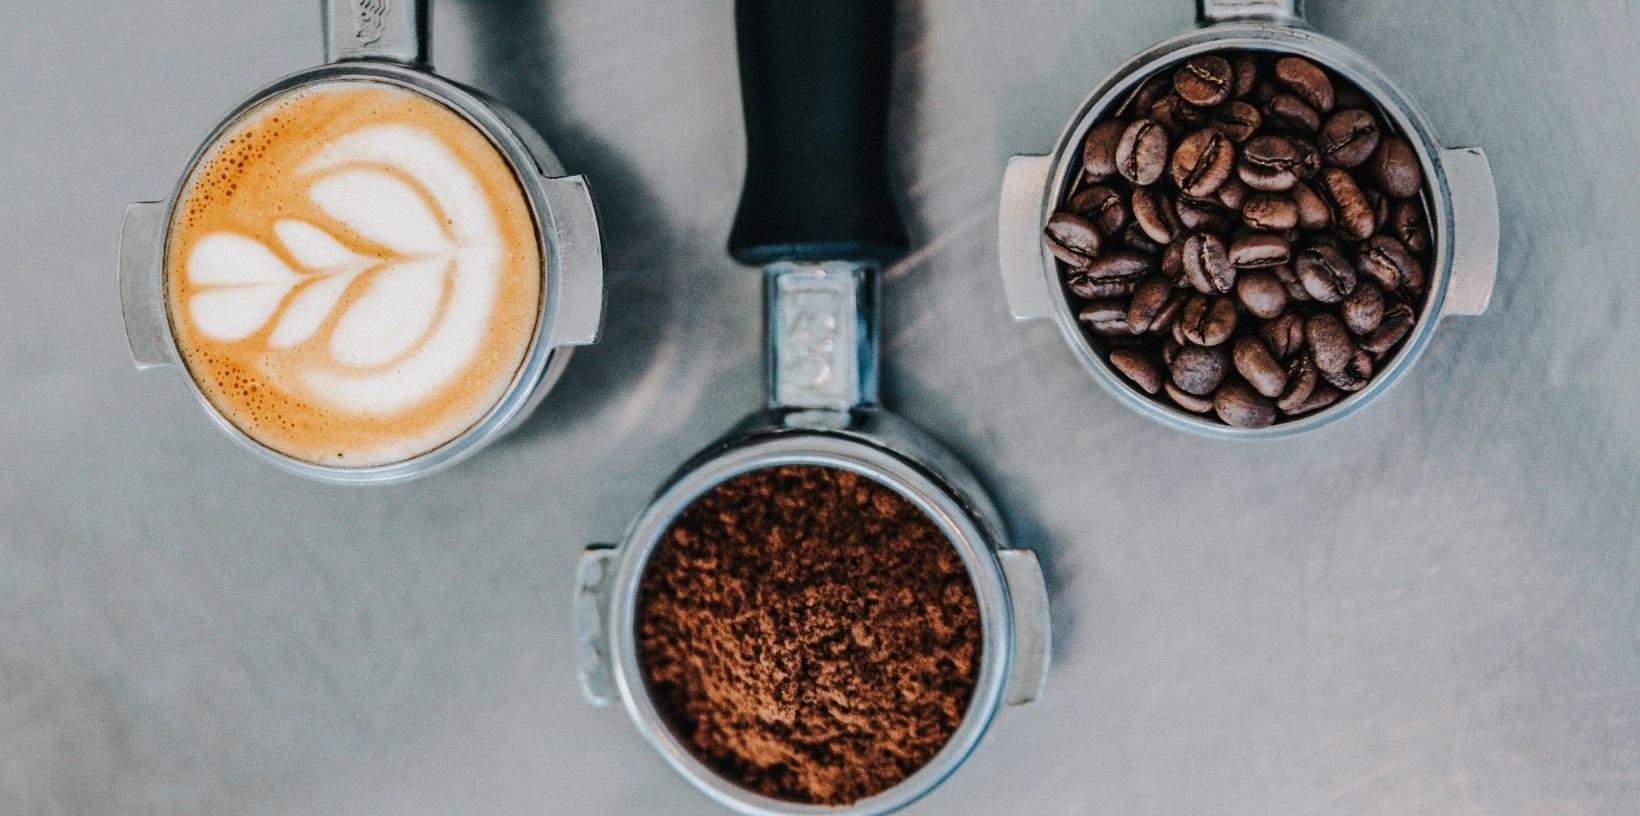 ¿Qué sabemos del café y sus posos? Del desatranque de las tuberías al fertilizante o el riesgo de cáncer - Maldita.es